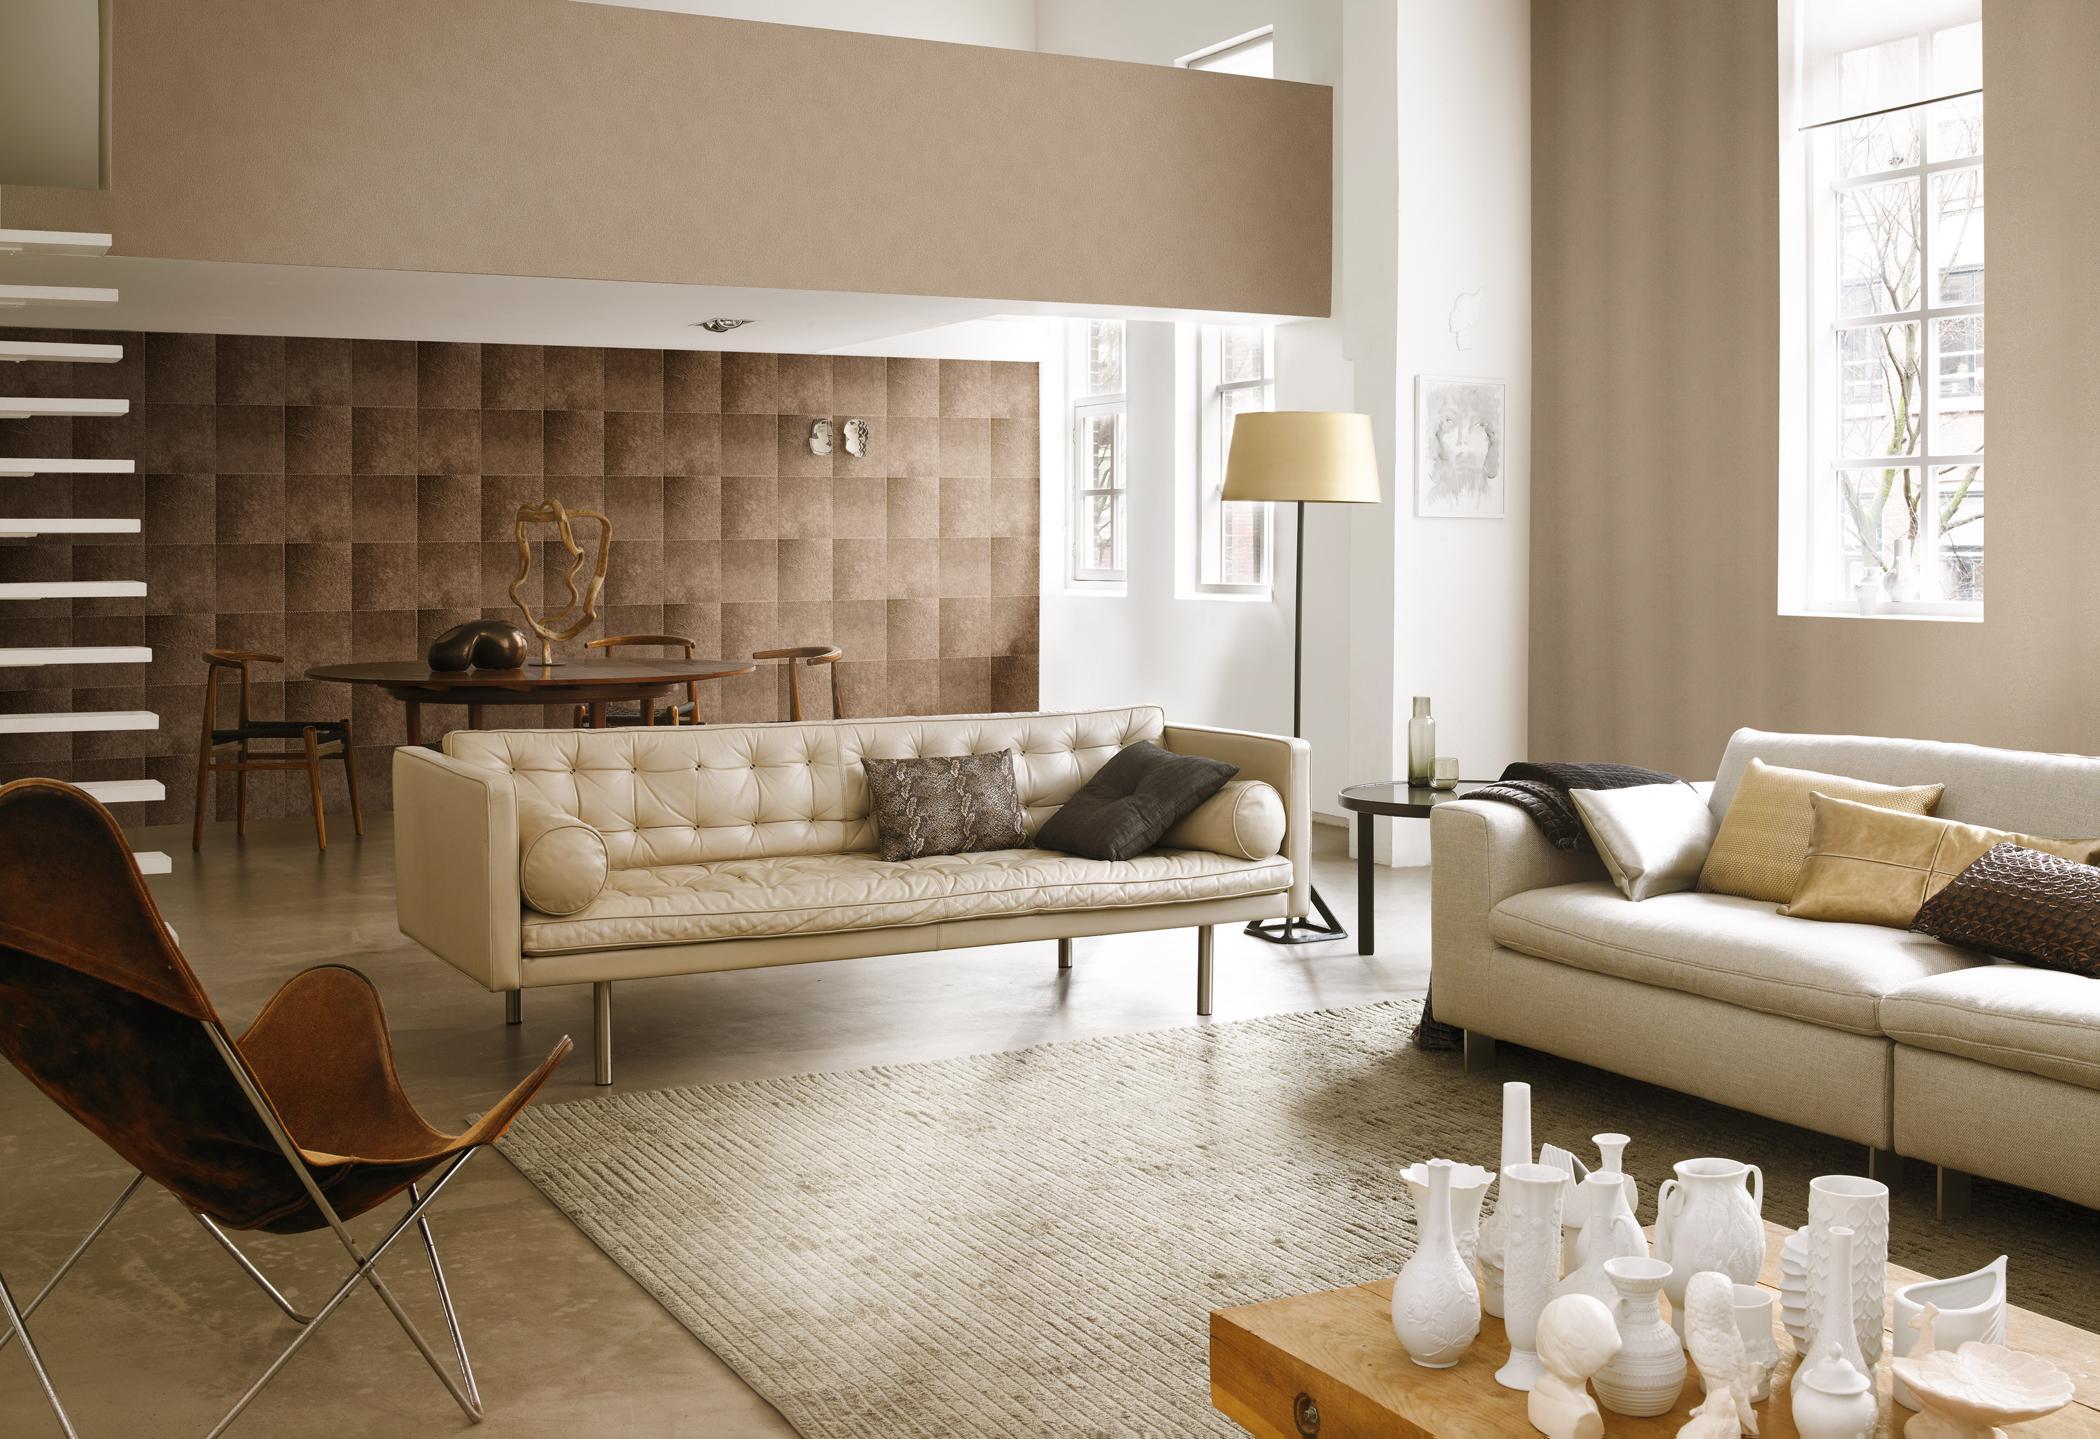 Braune Tapete • Bilder & Ideen • Couchstyle